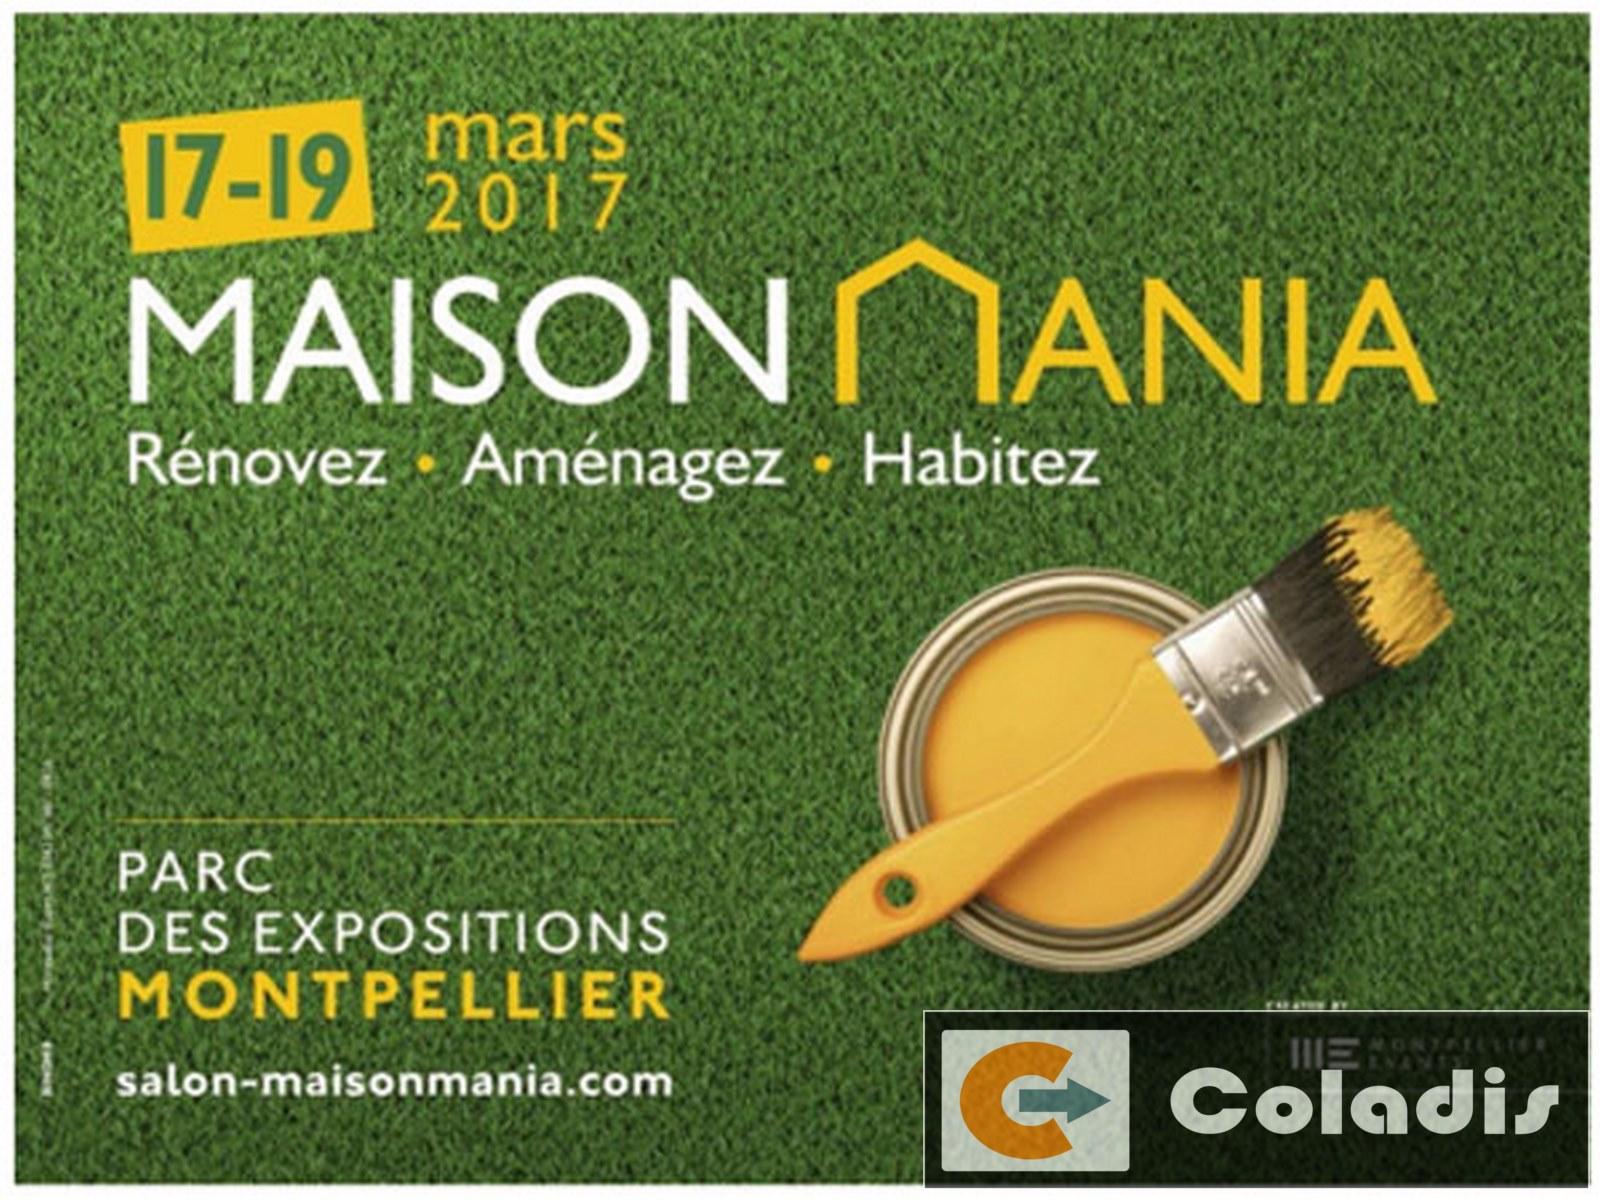 Foire Montpellier Maison mania